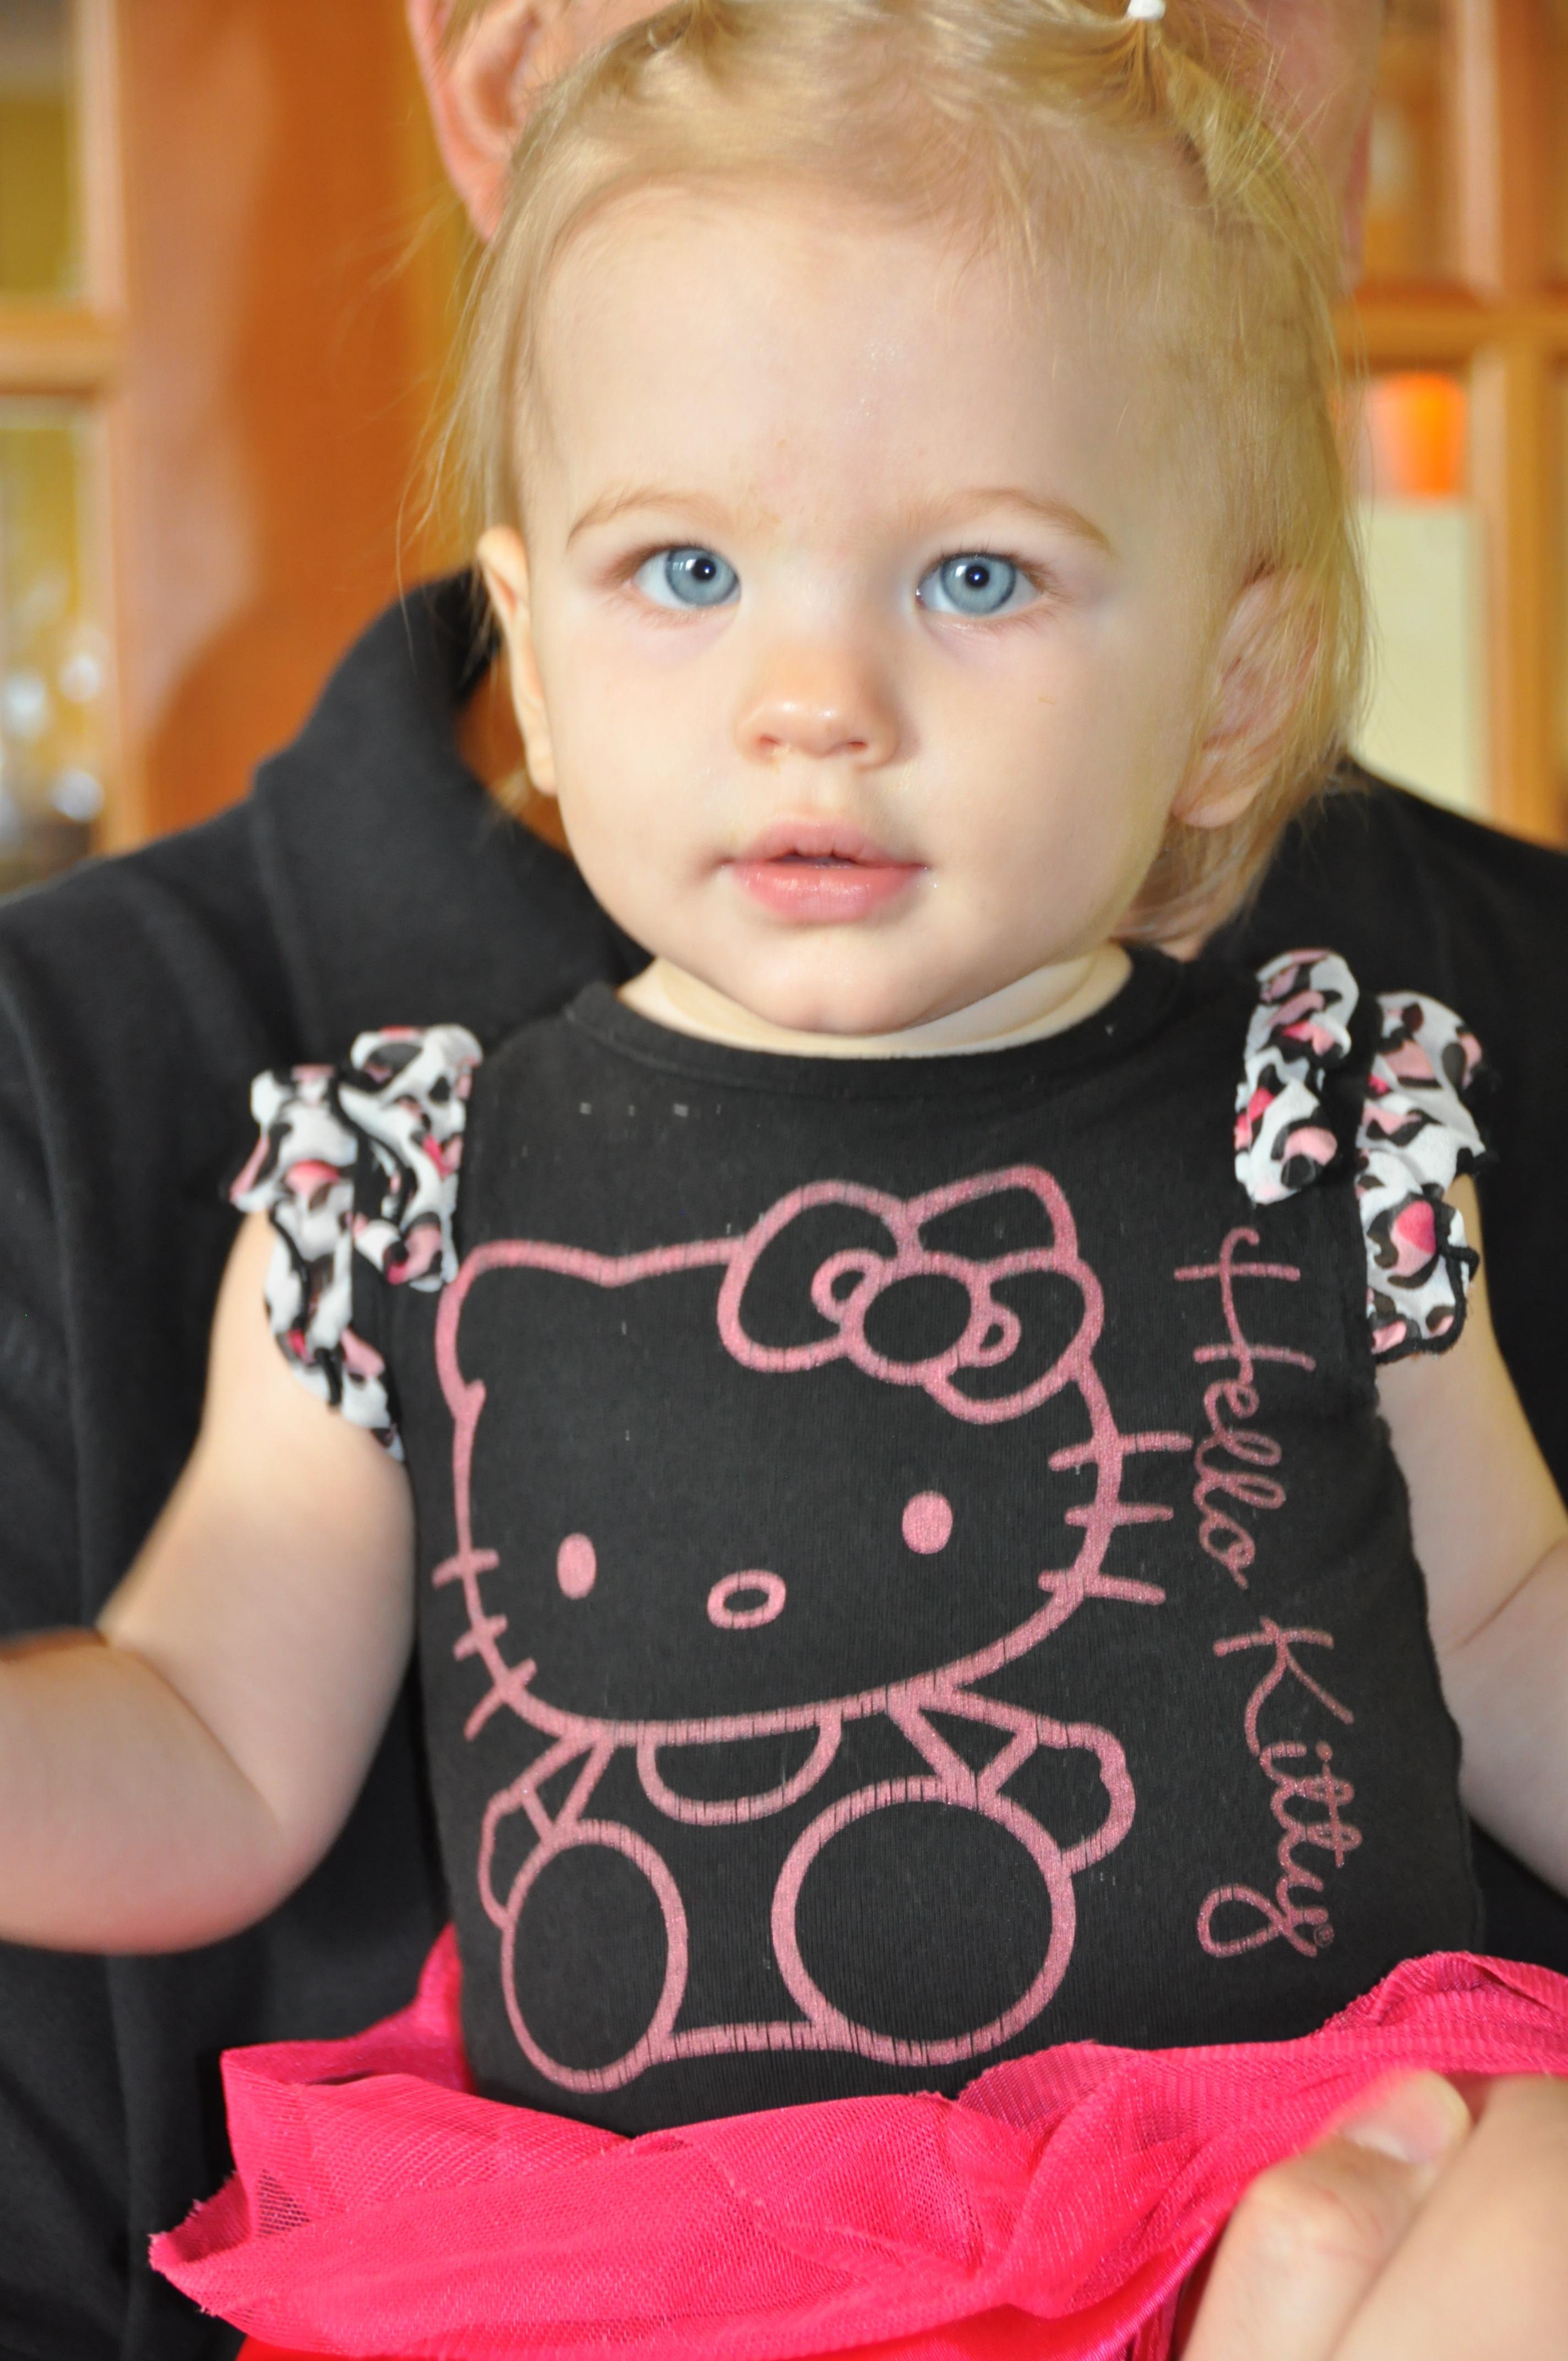 Kostenlose foto Mädchen Weiß spielen süß Kind niedlich